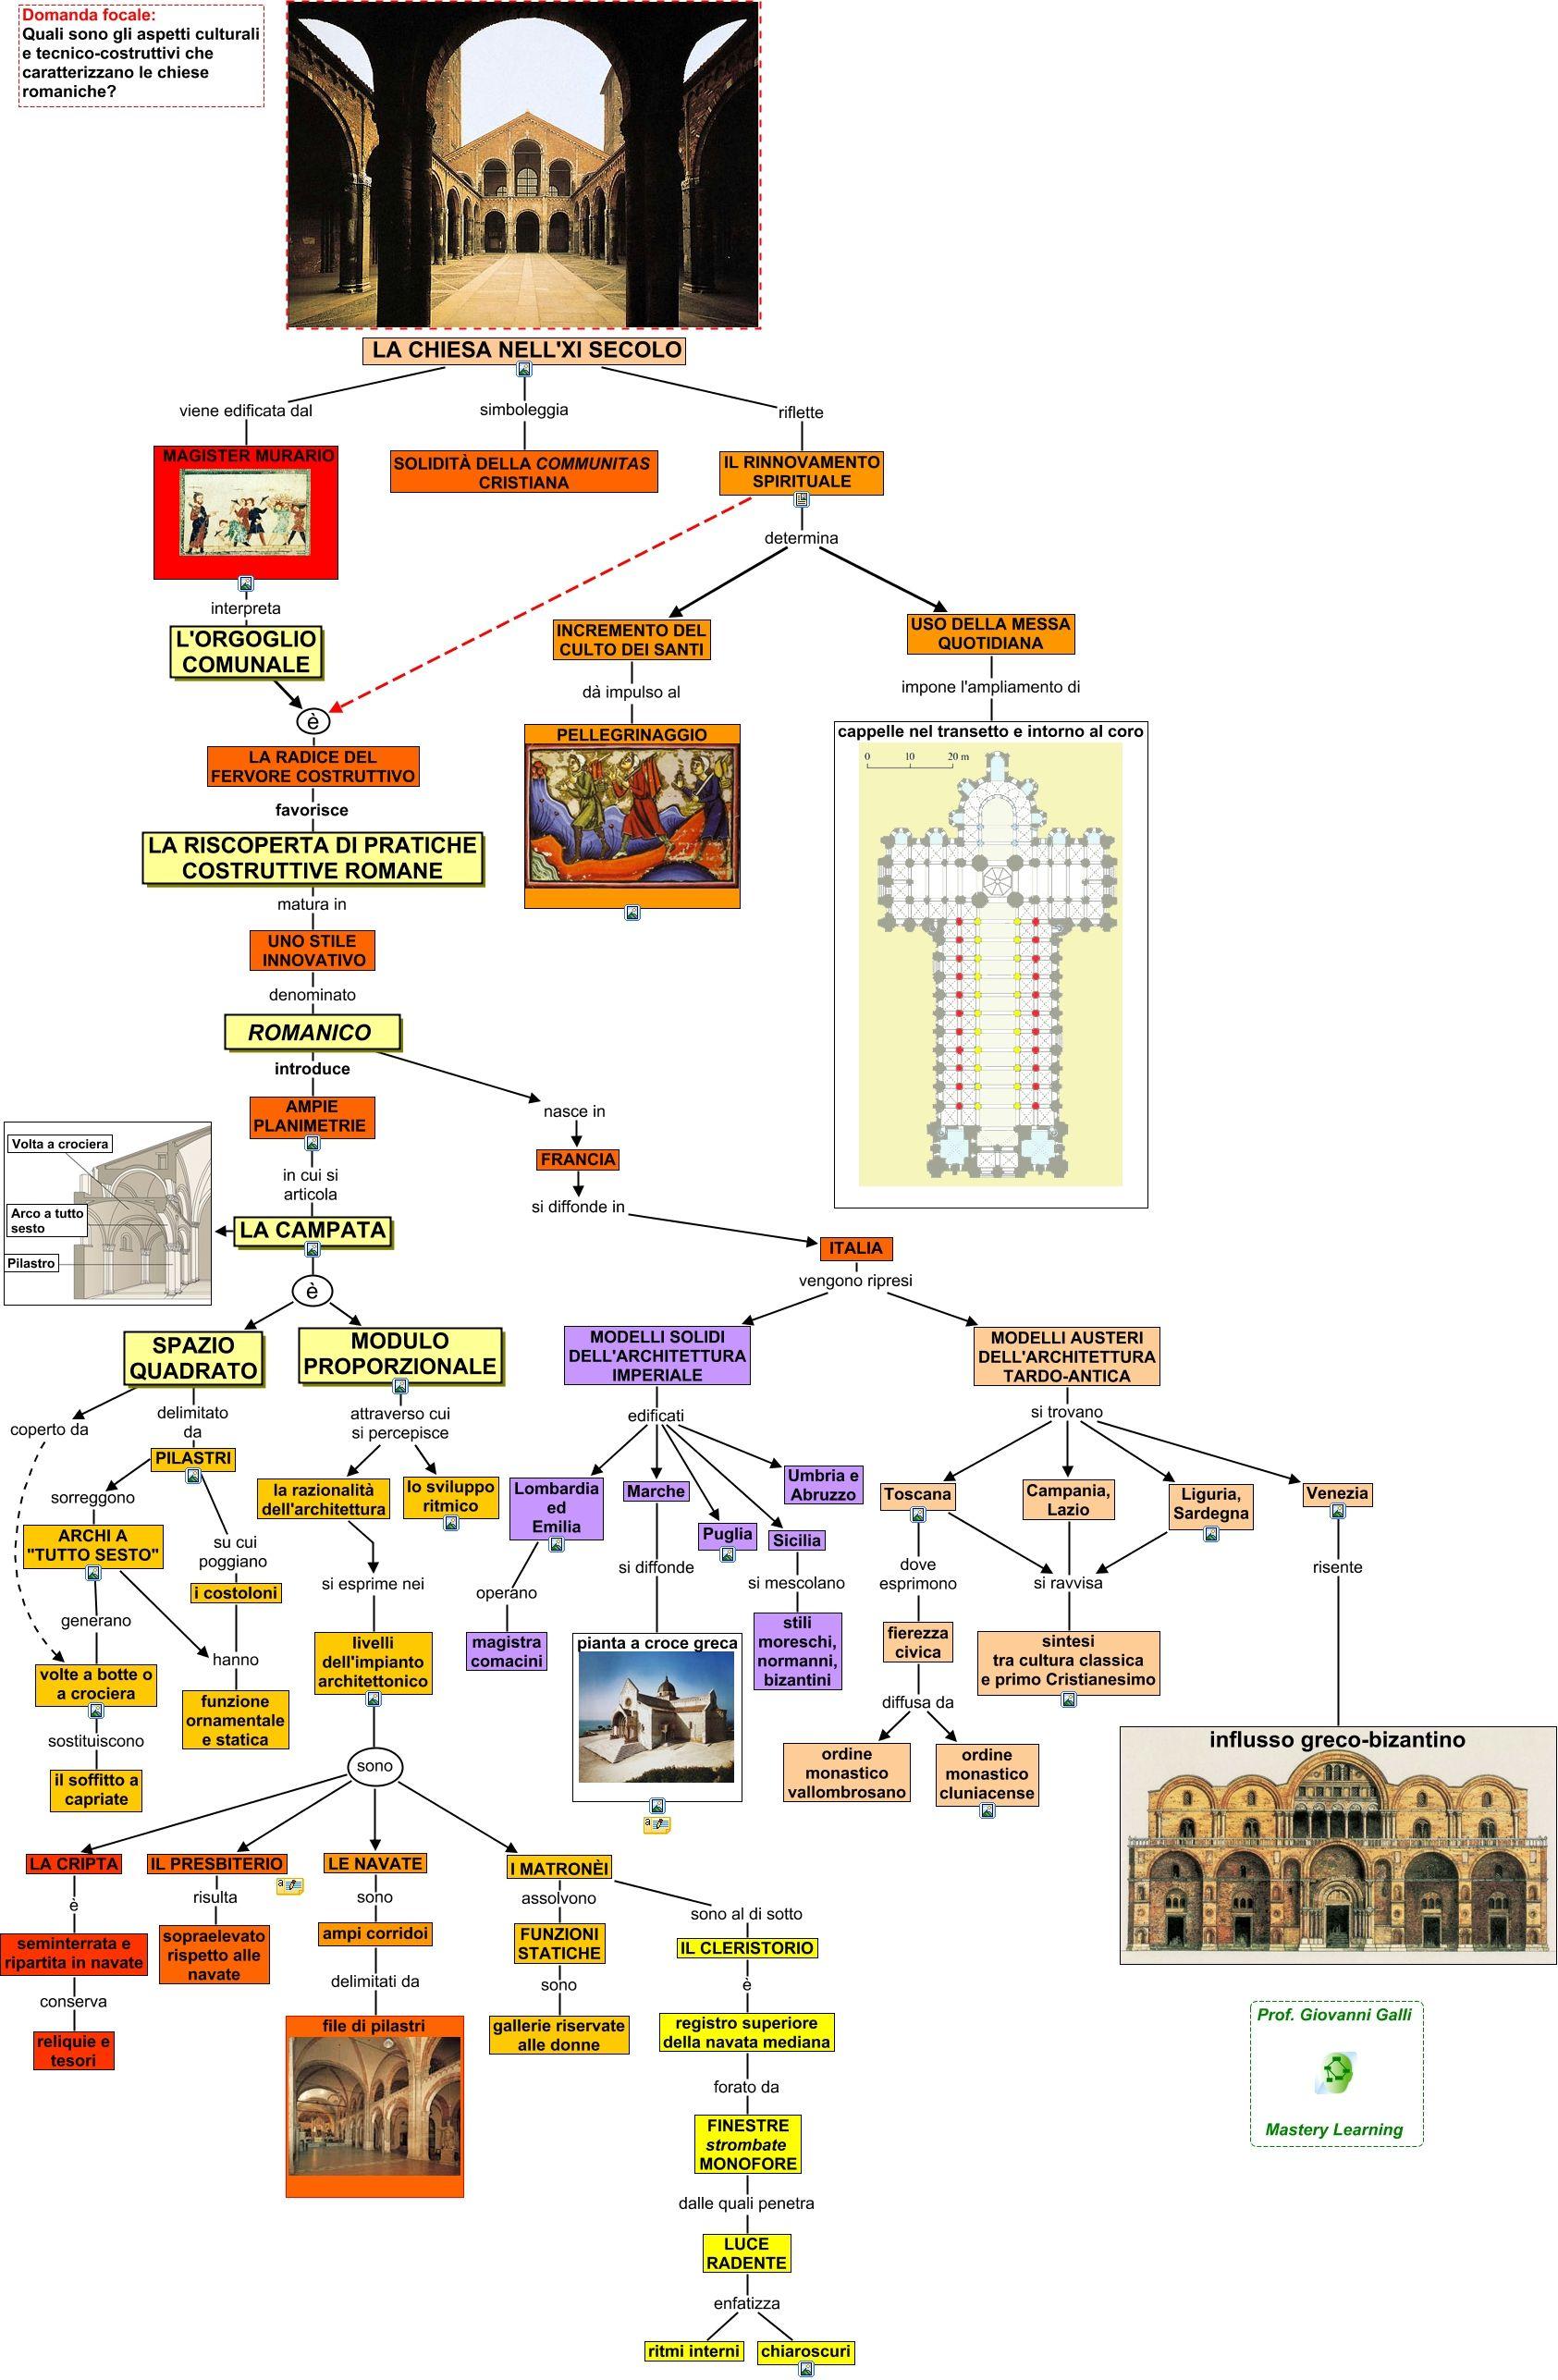 La chiesa romanica - Quali sono gli aspetti storici, culturali, e tecnici che…